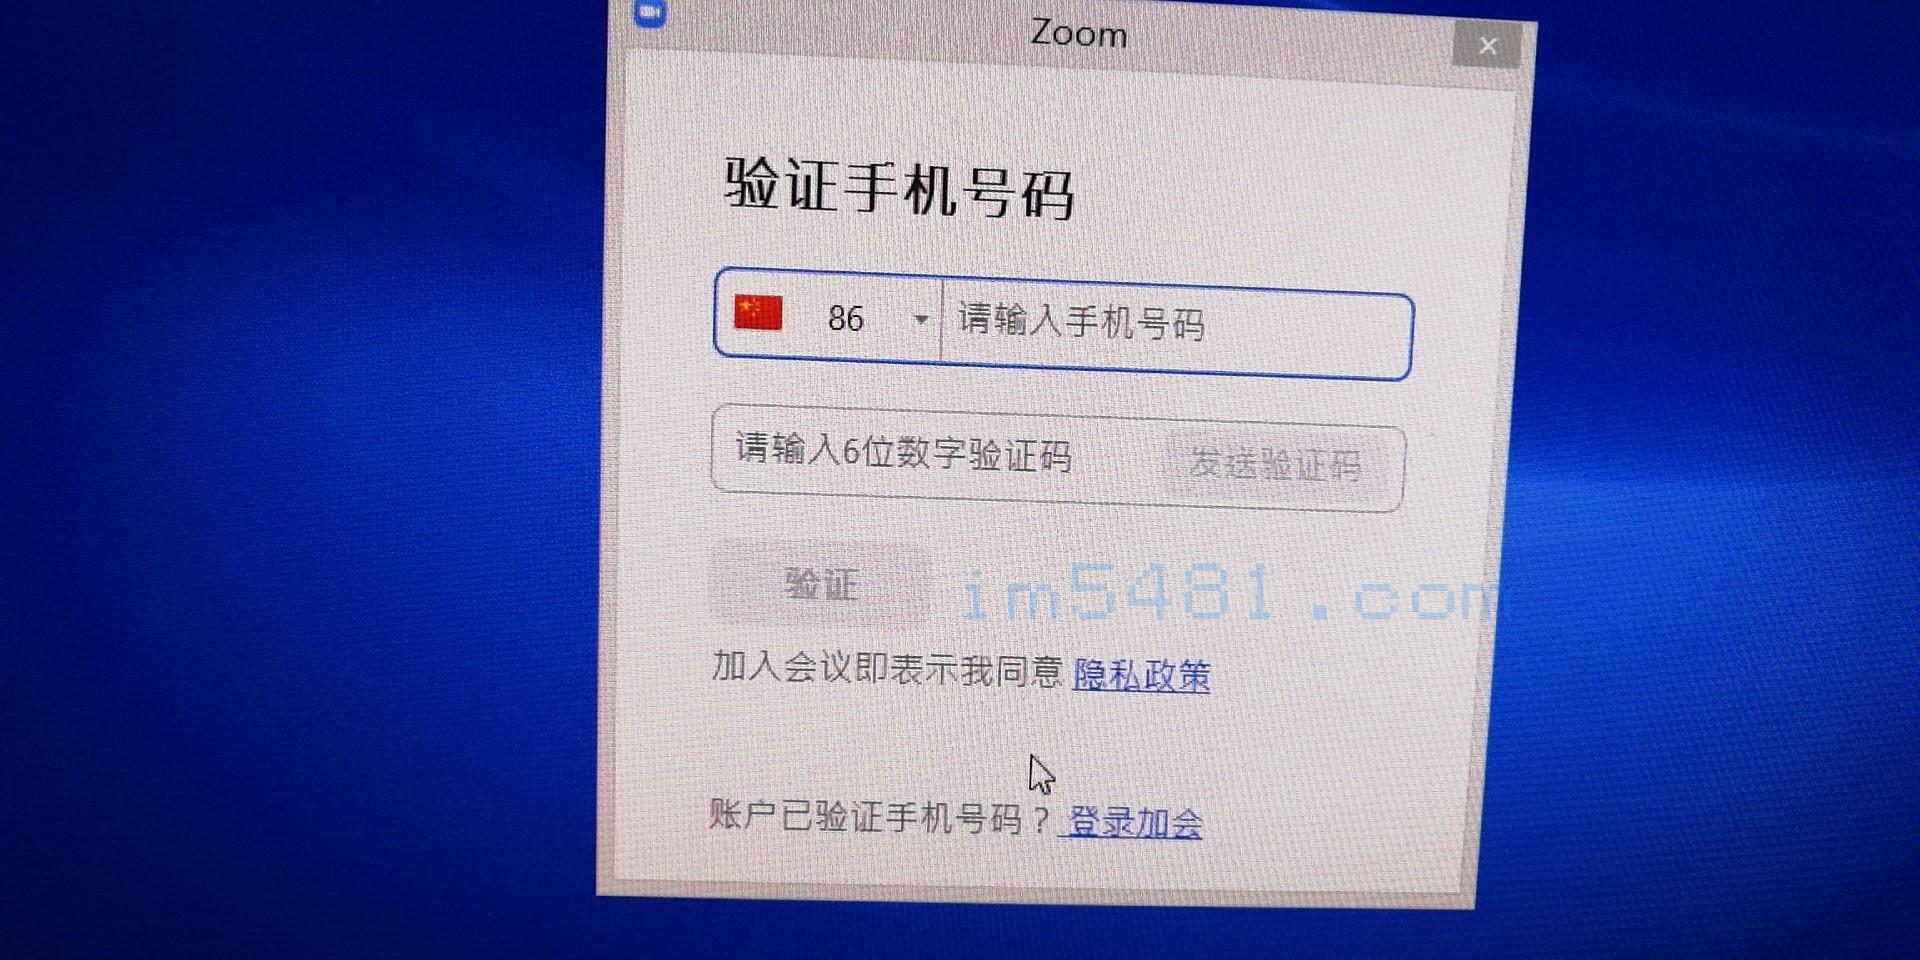 2019-11-17 中國地區要使用zoom需要手機驗證通過後才可以使用